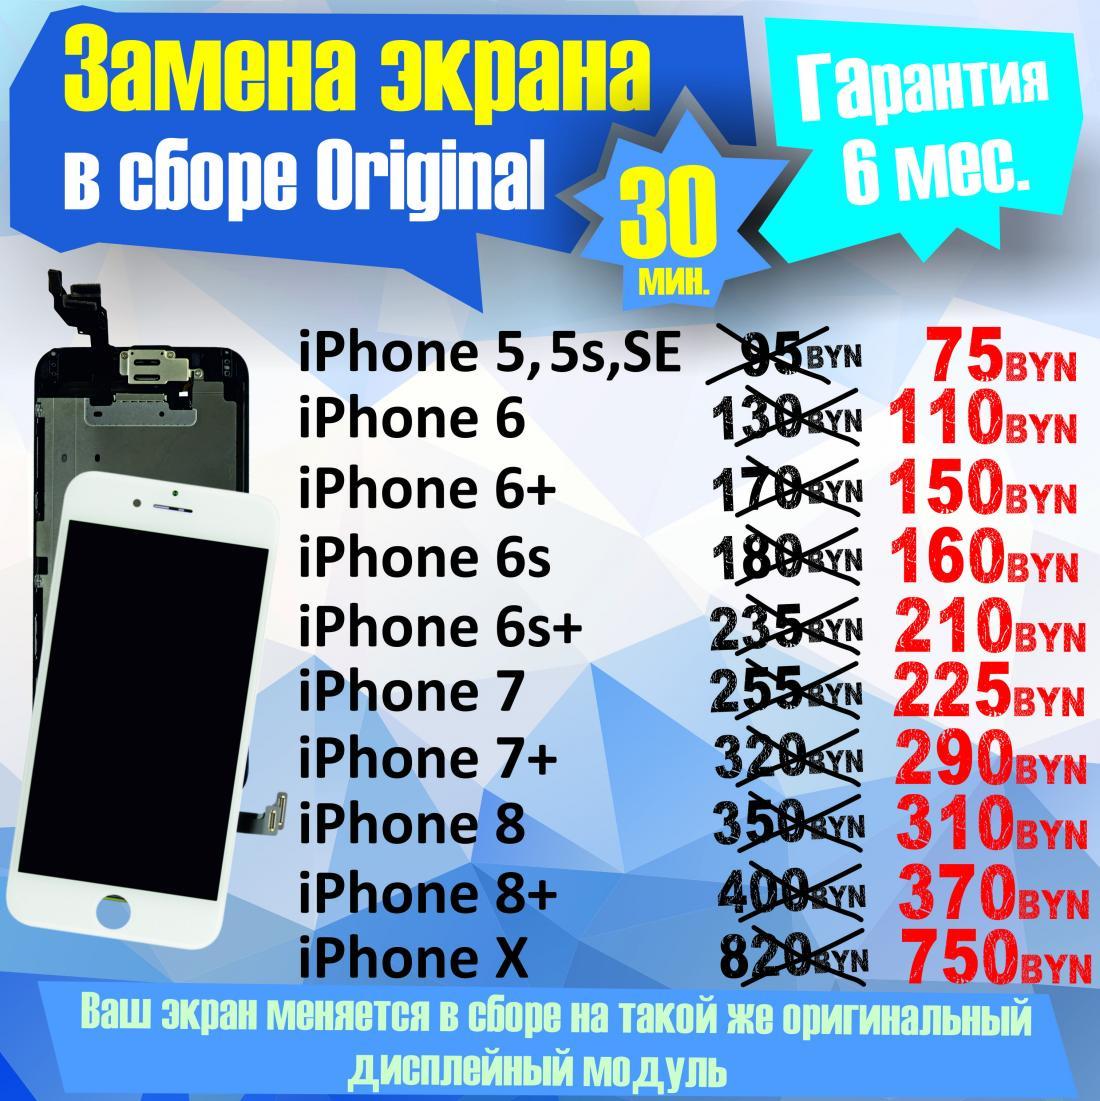 Ремонт iPhone, Xiaomi, замена экрана, замена стекла, установка защитного стекла от 7,50 руб.